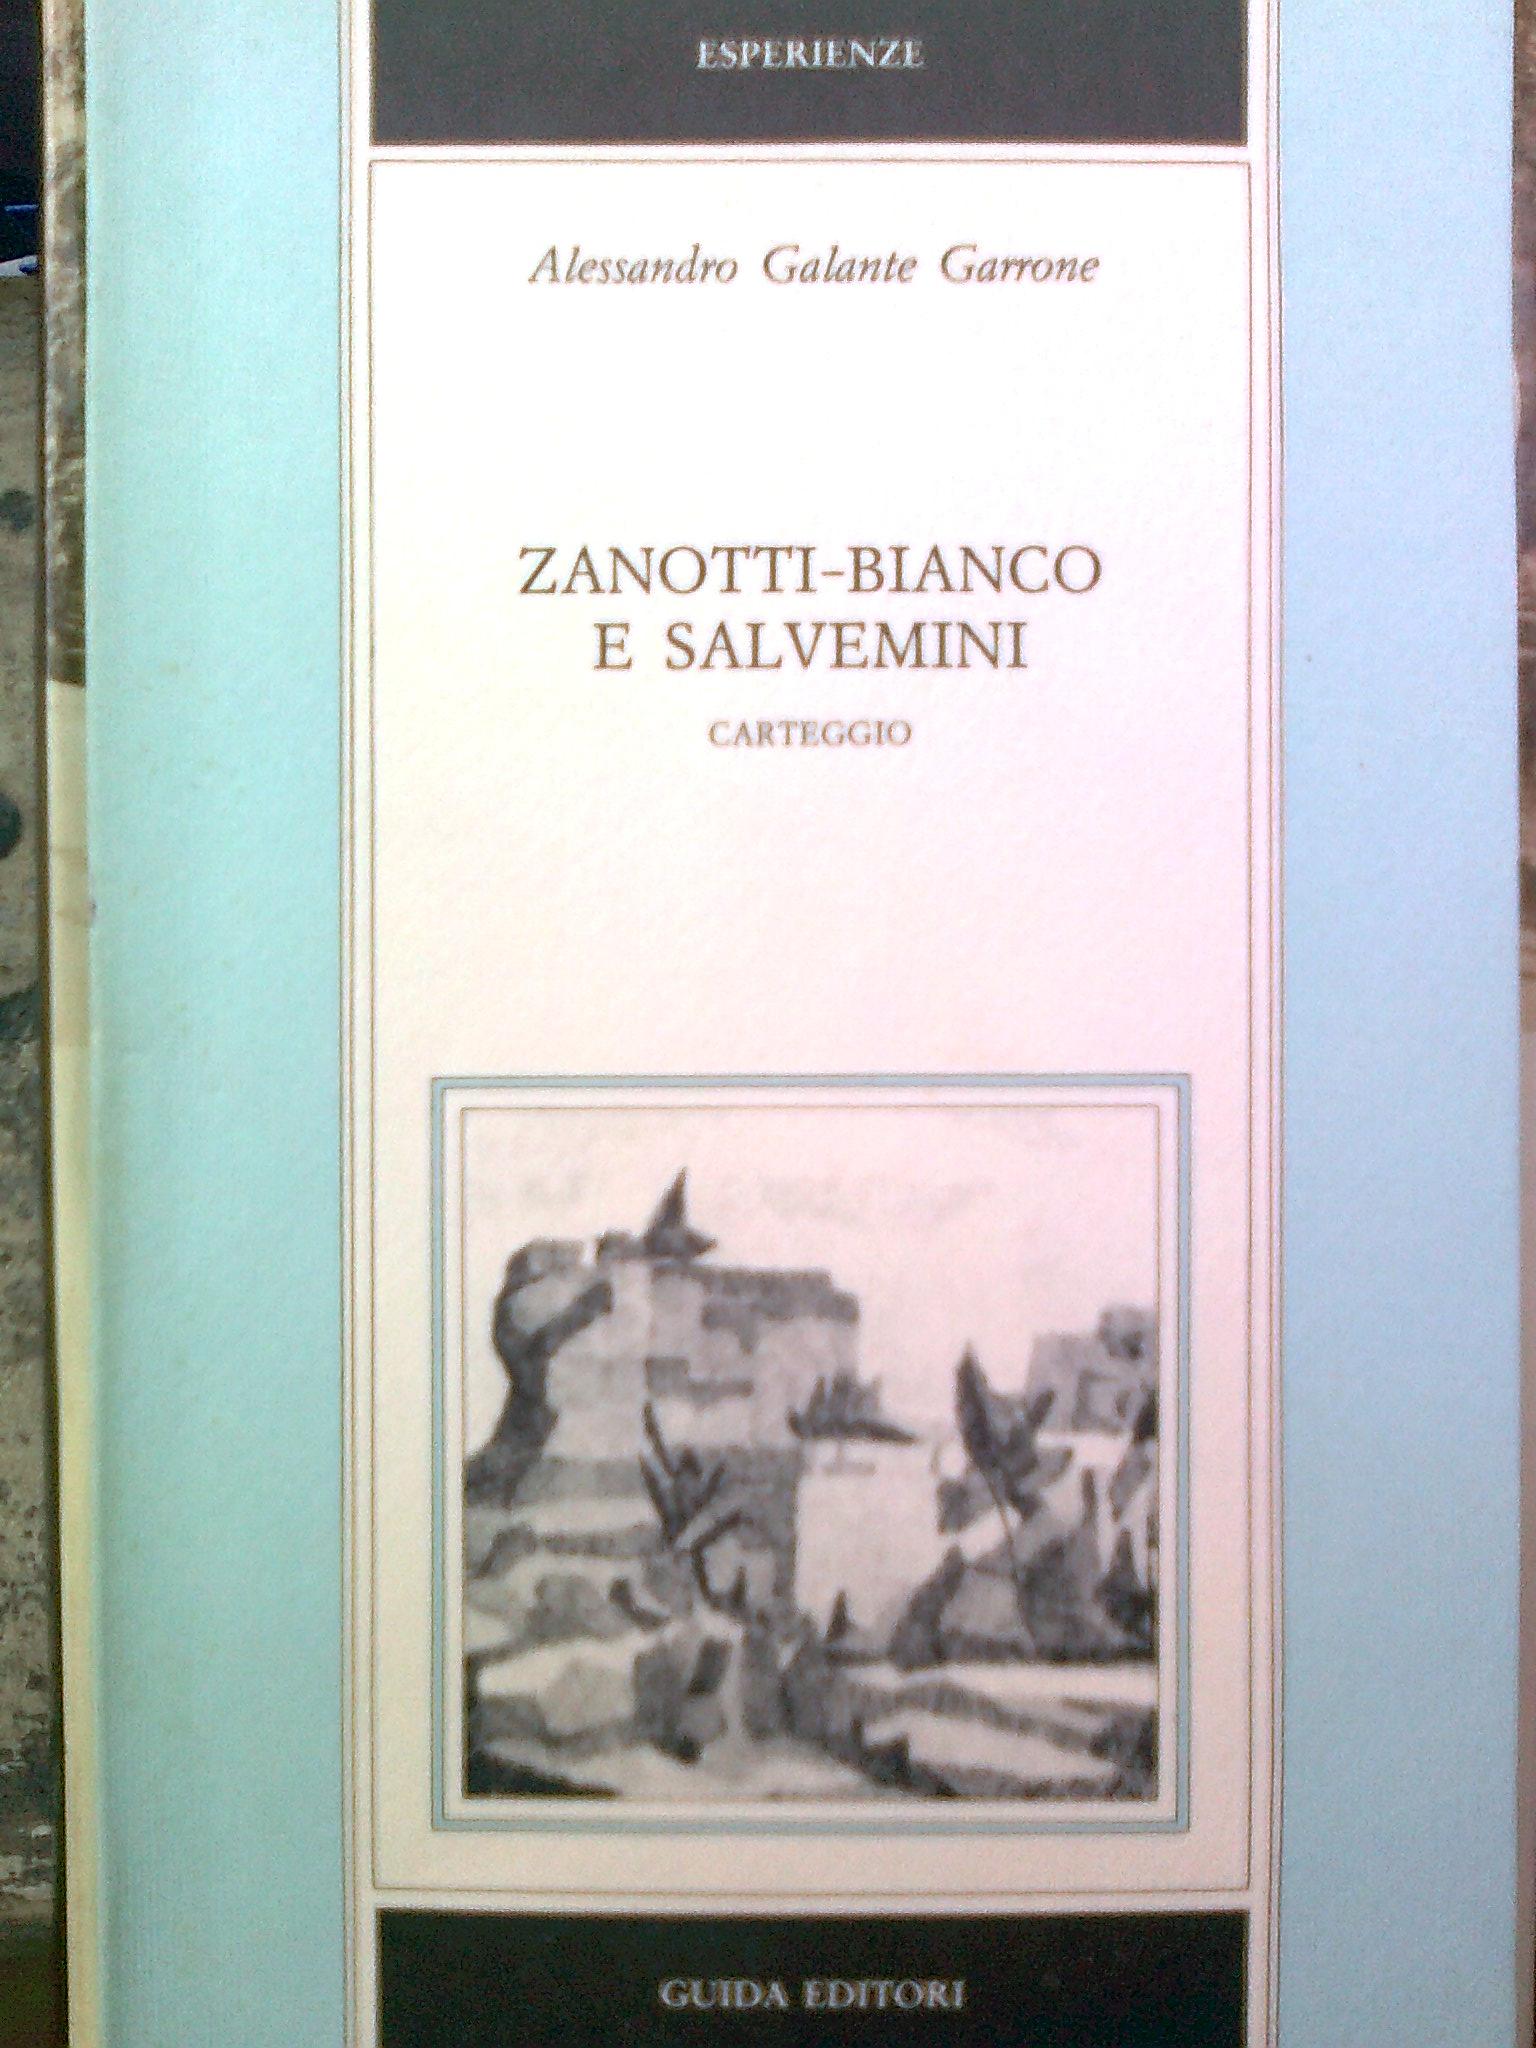 Zanotti-Bianco e Salvemini